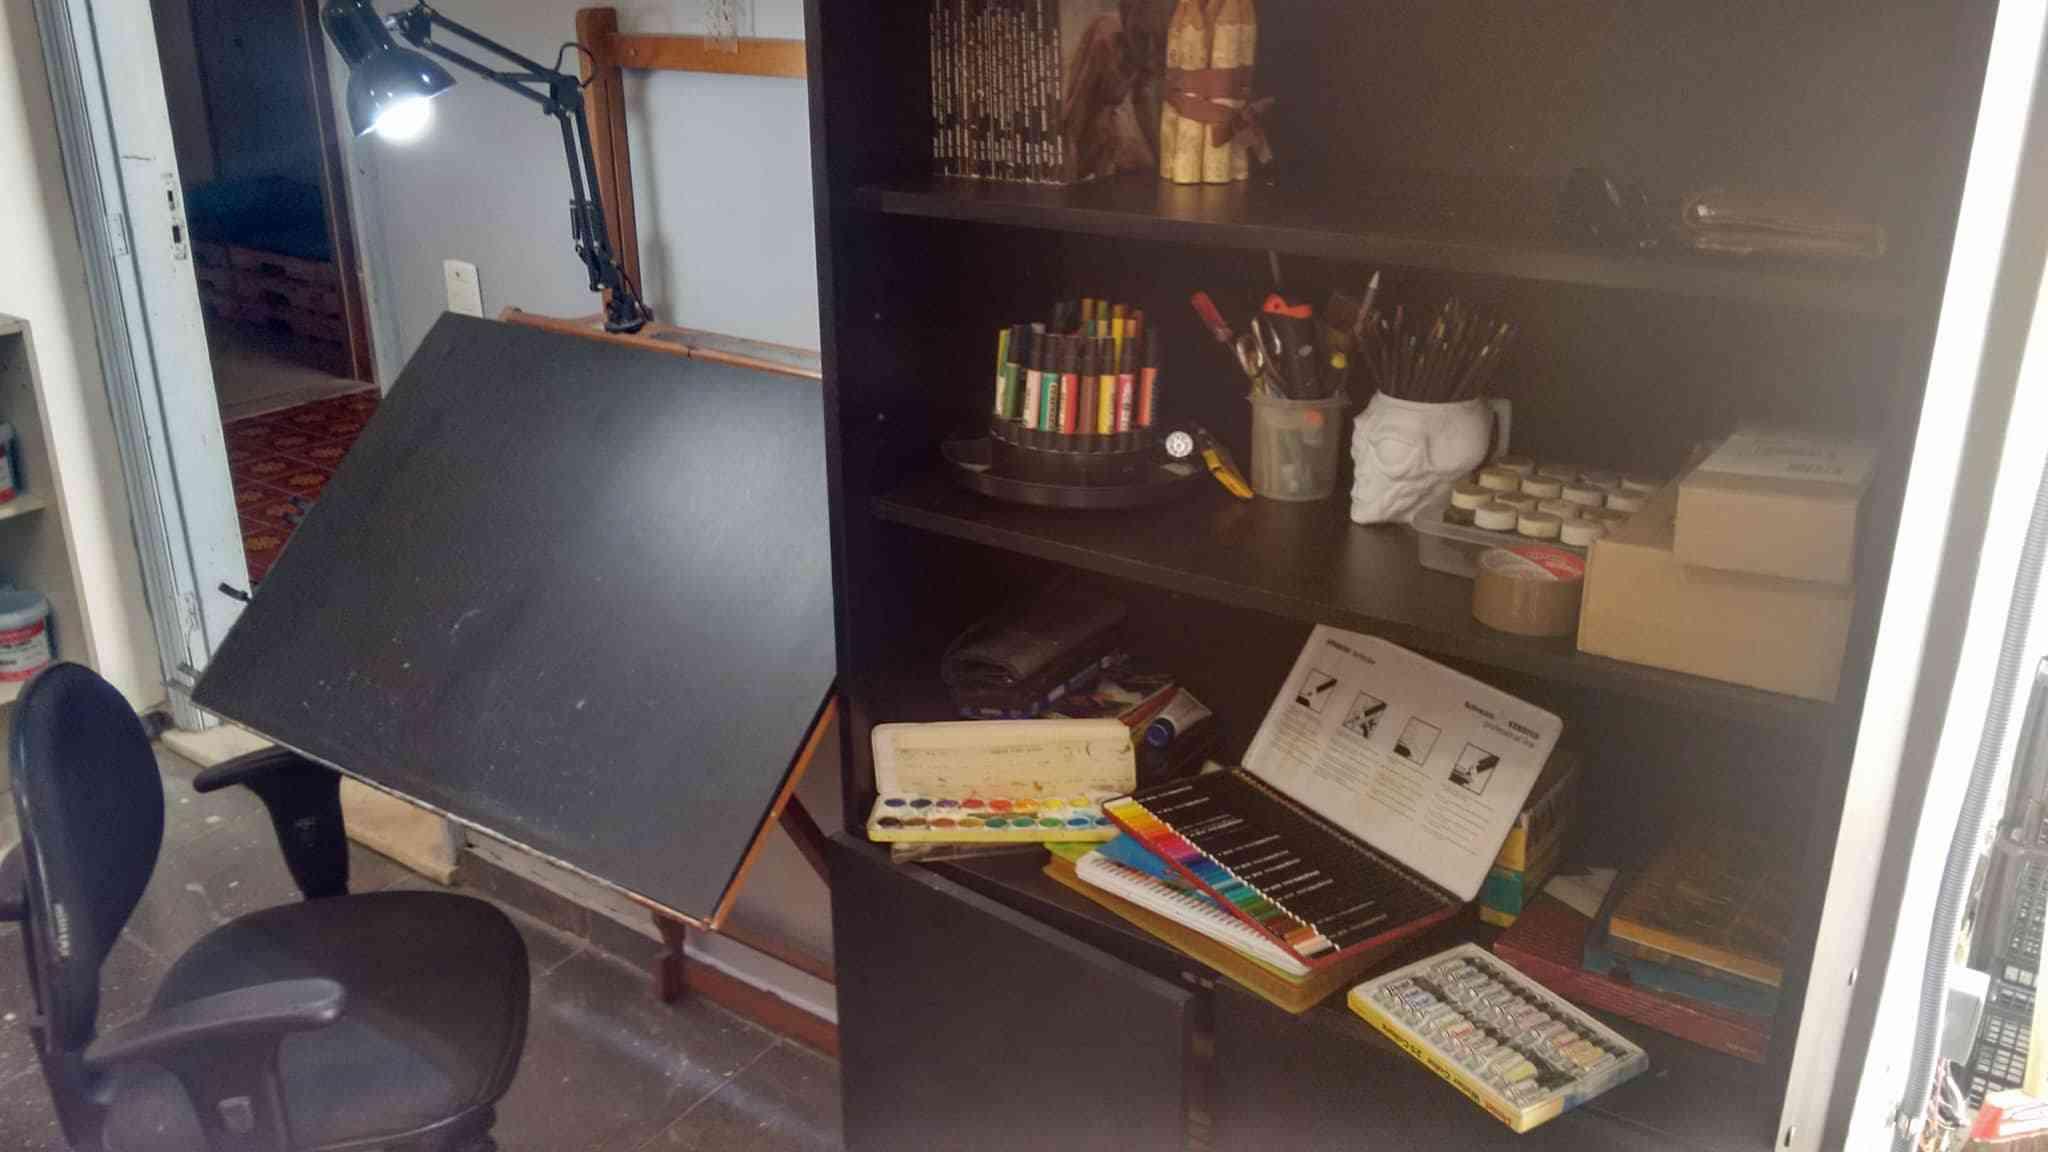 28080703 2060464983999298 1077949723 o Minha vida de Joseph Climber: Como eu me ferrei com meu estudio de arte